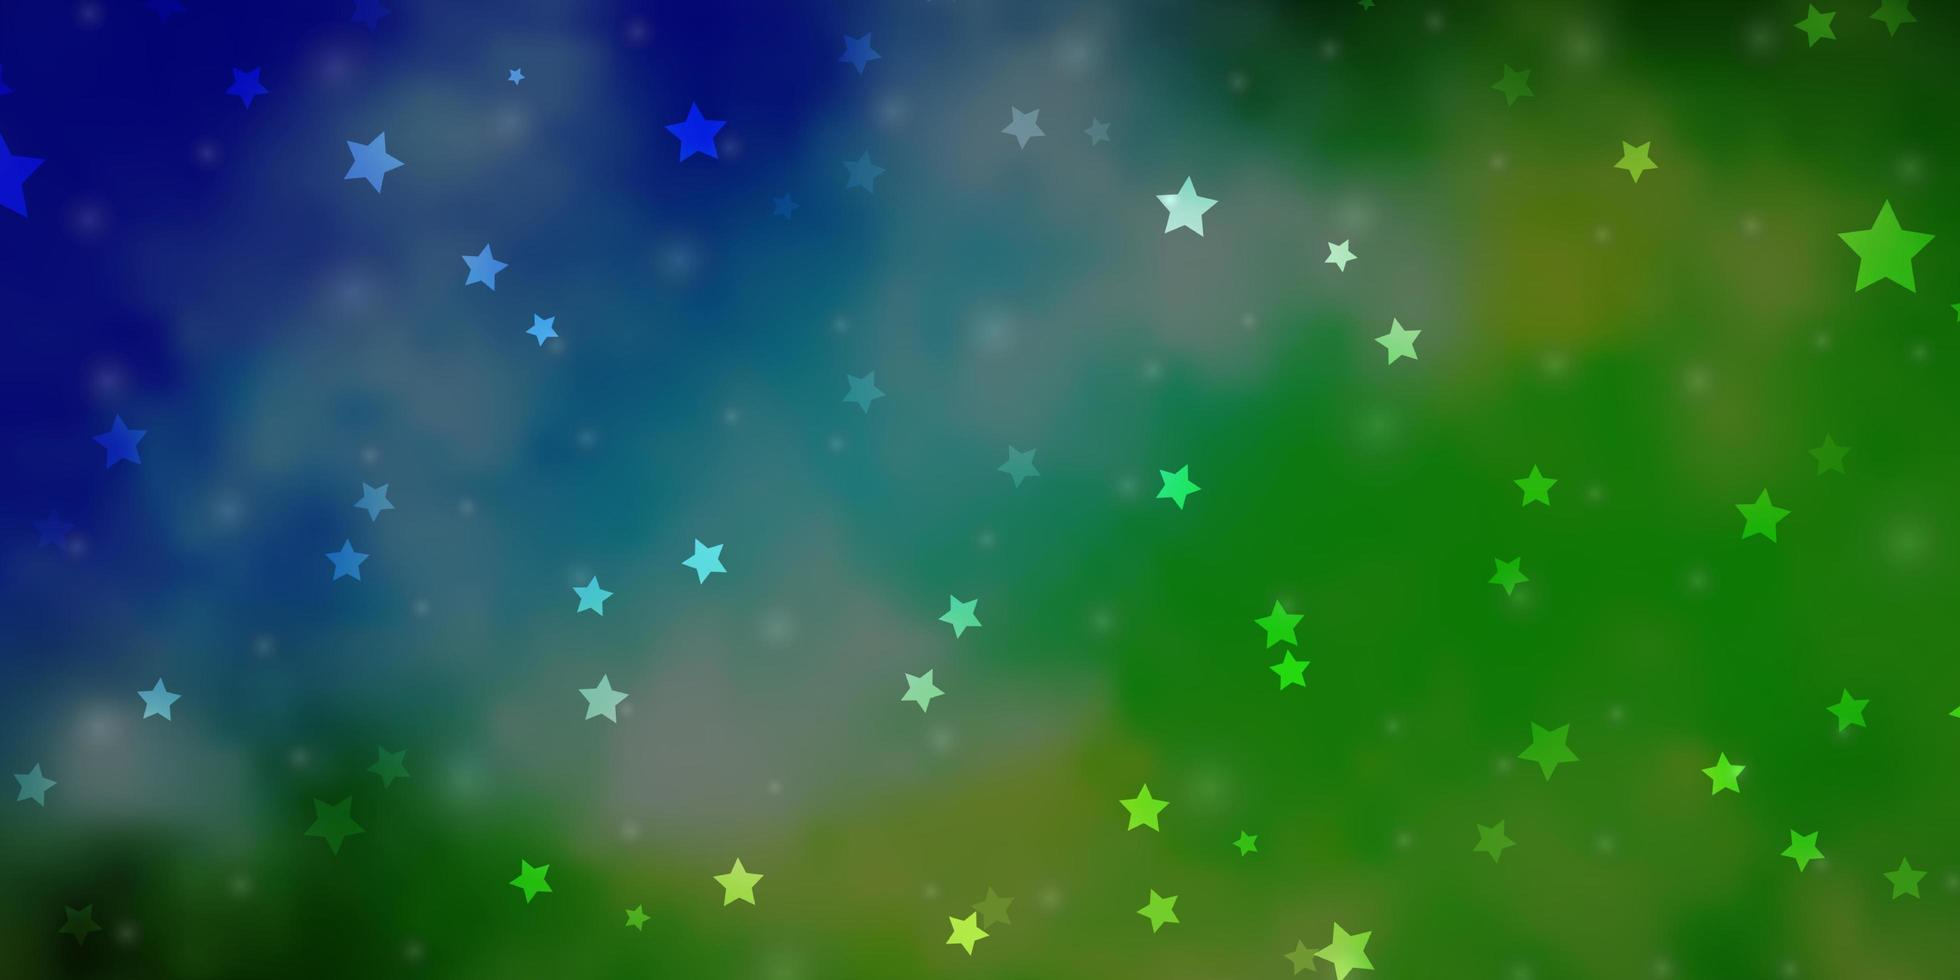 diseño de vector azul claro, verde con estrellas brillantes.